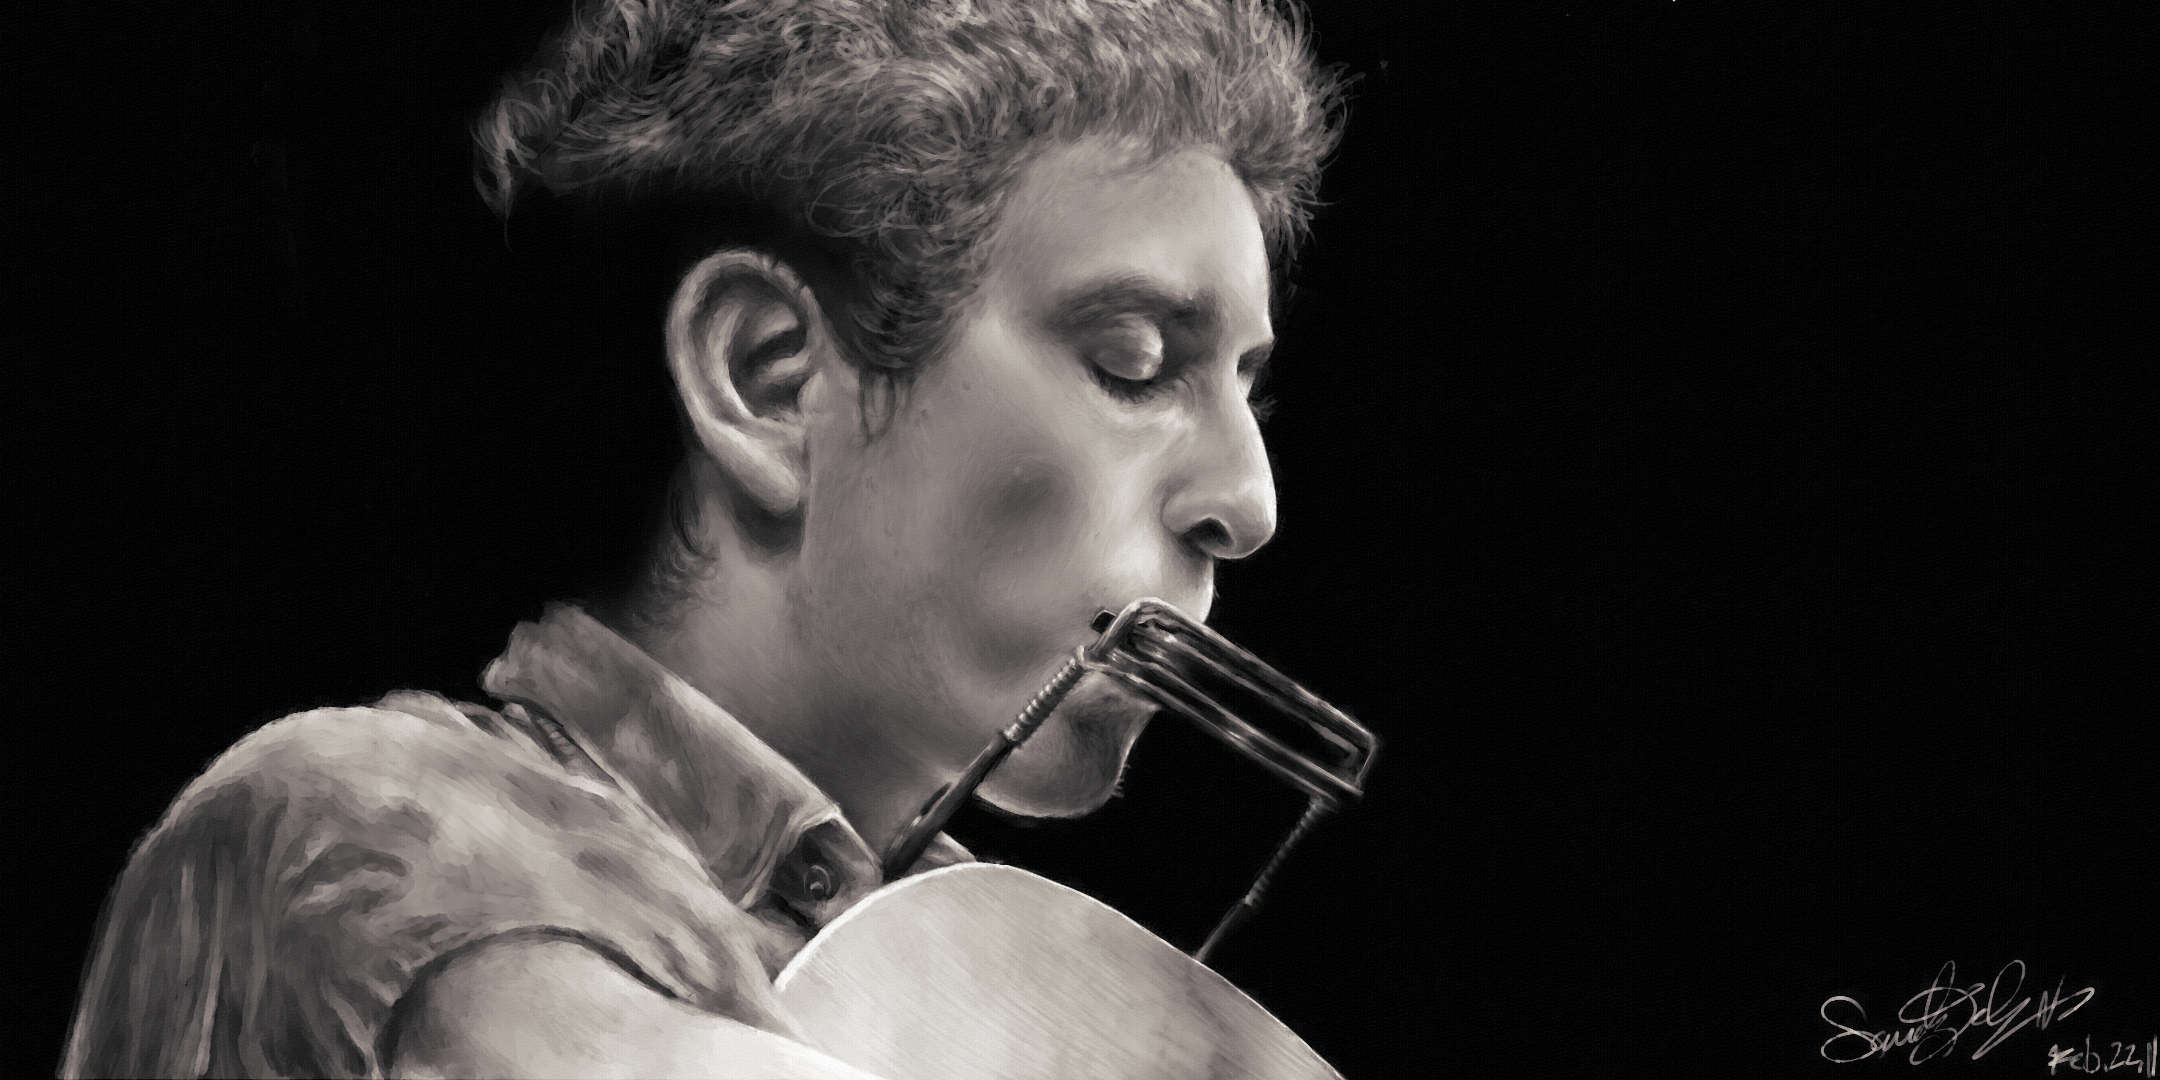 Bob Dylan Portrait by dwightyoakamfan